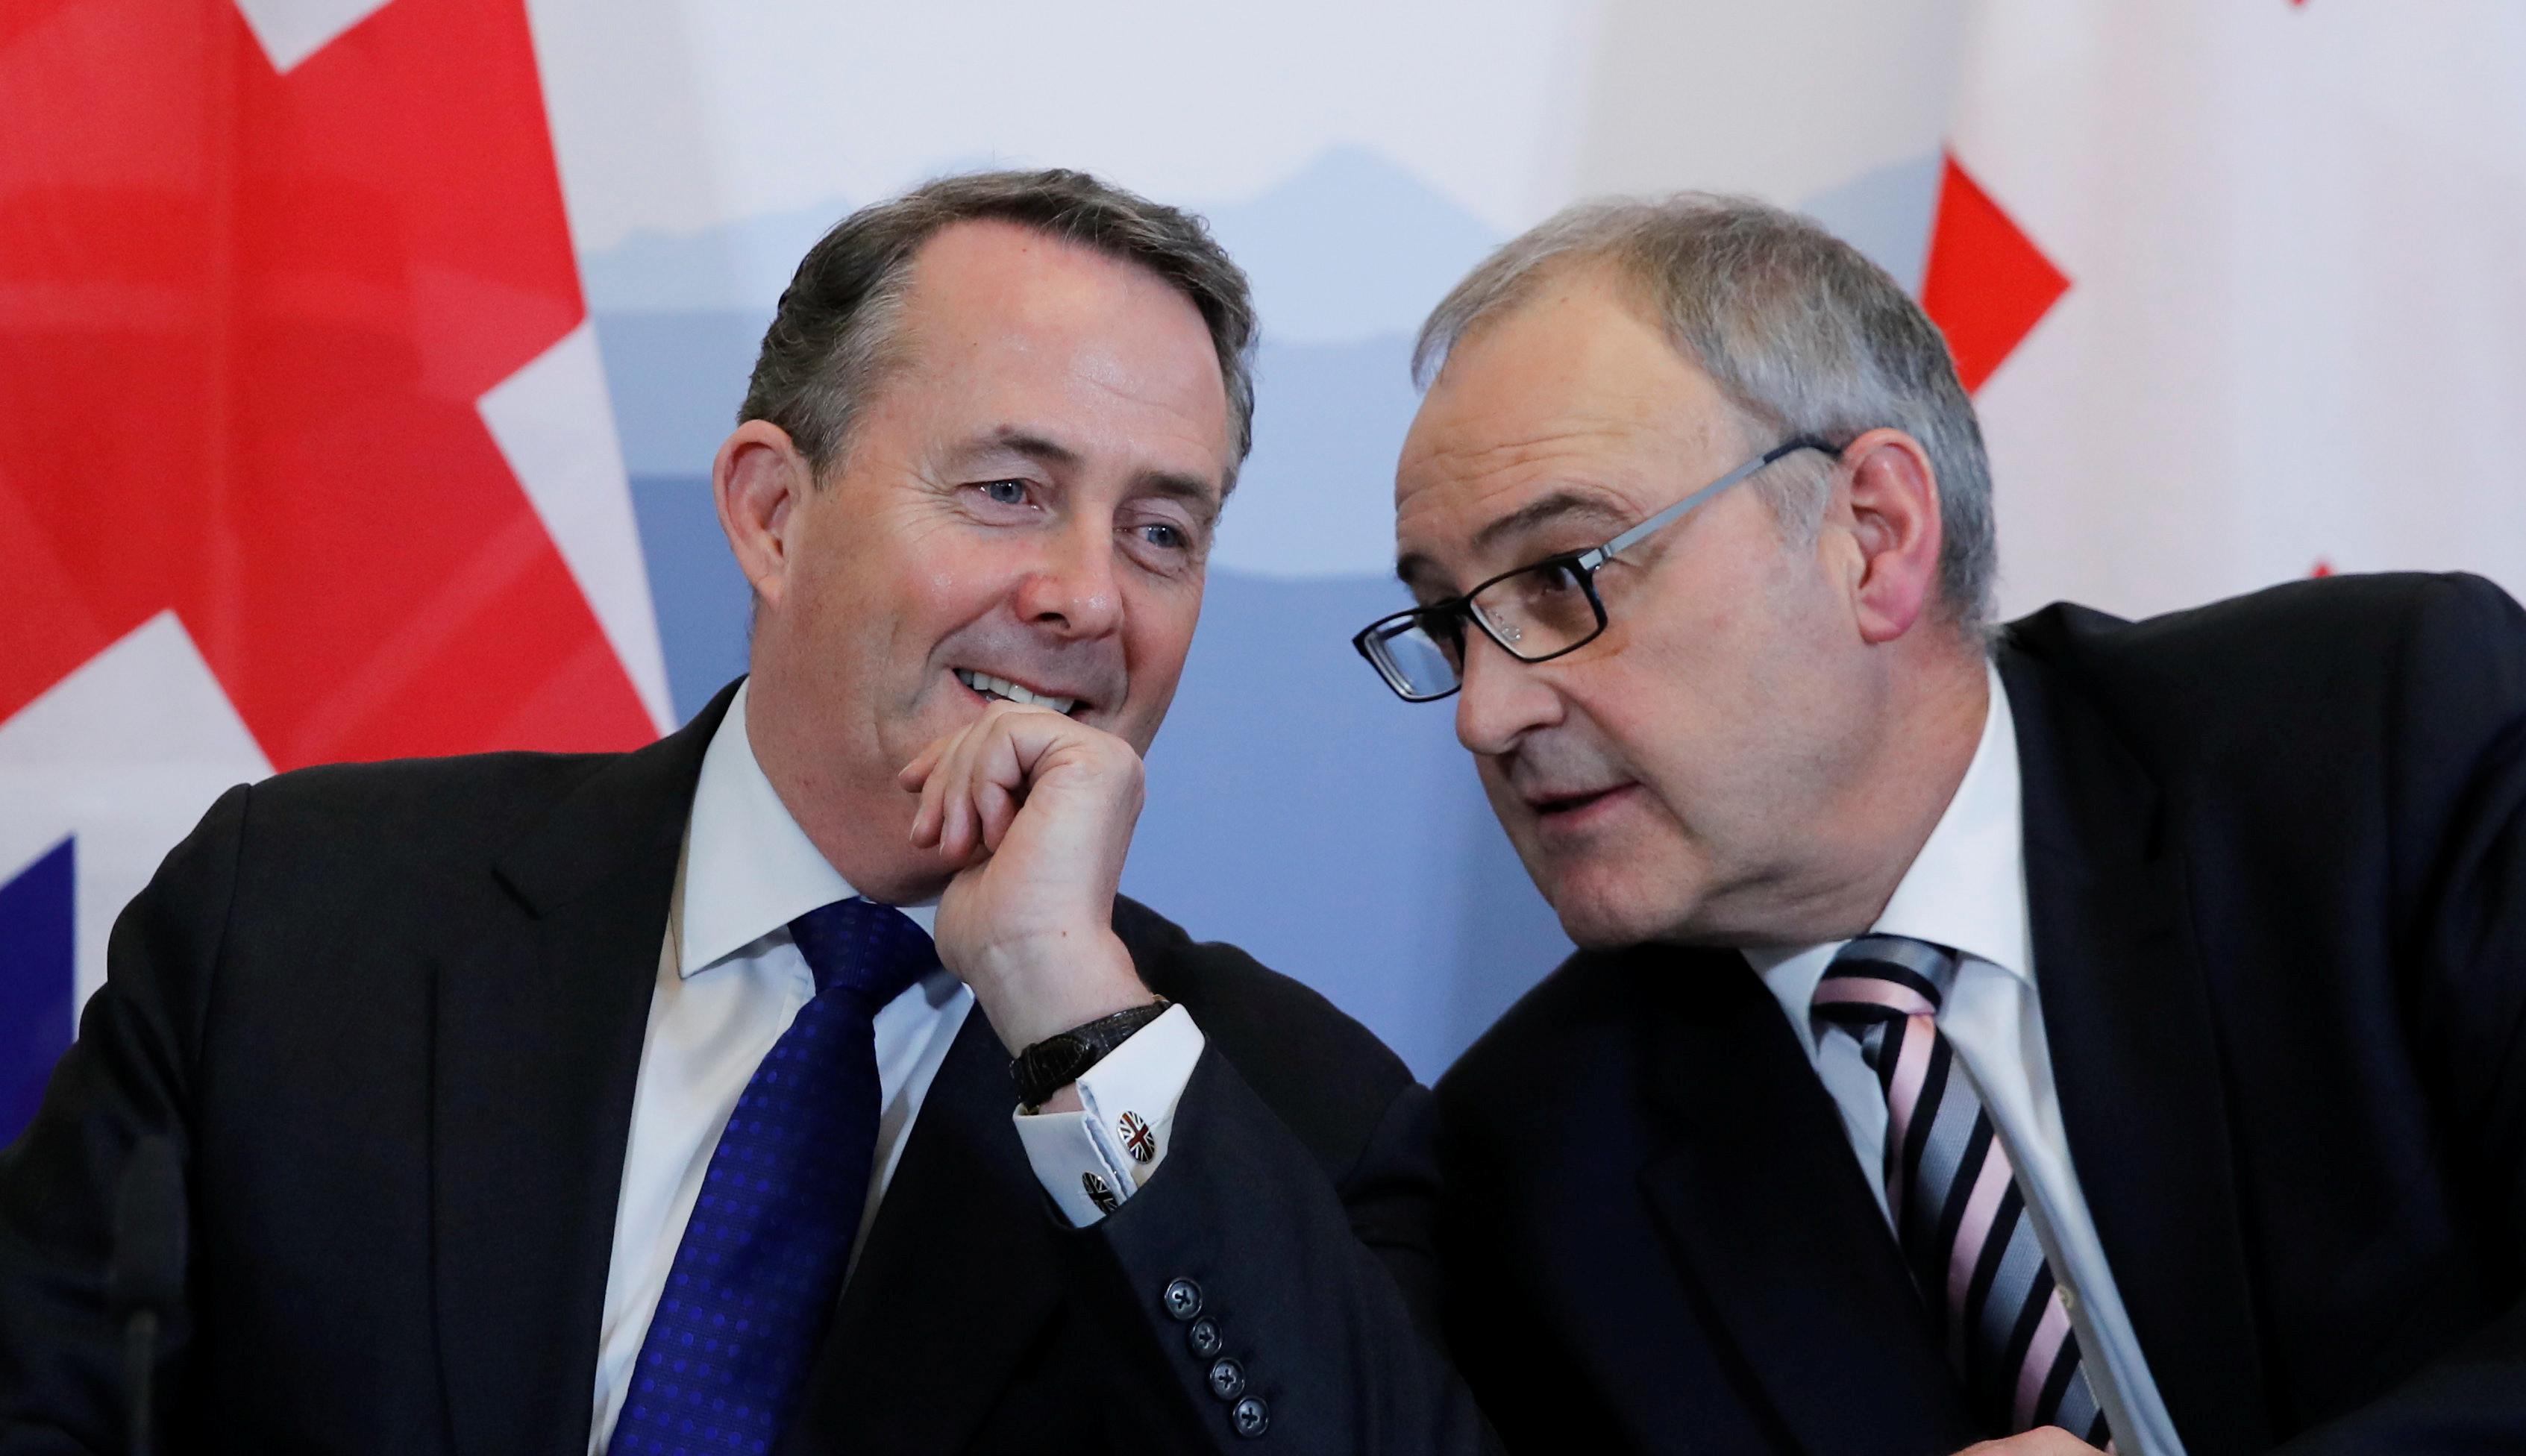 Reino Unido e Suíça assinam acordo para manter relações comerciais